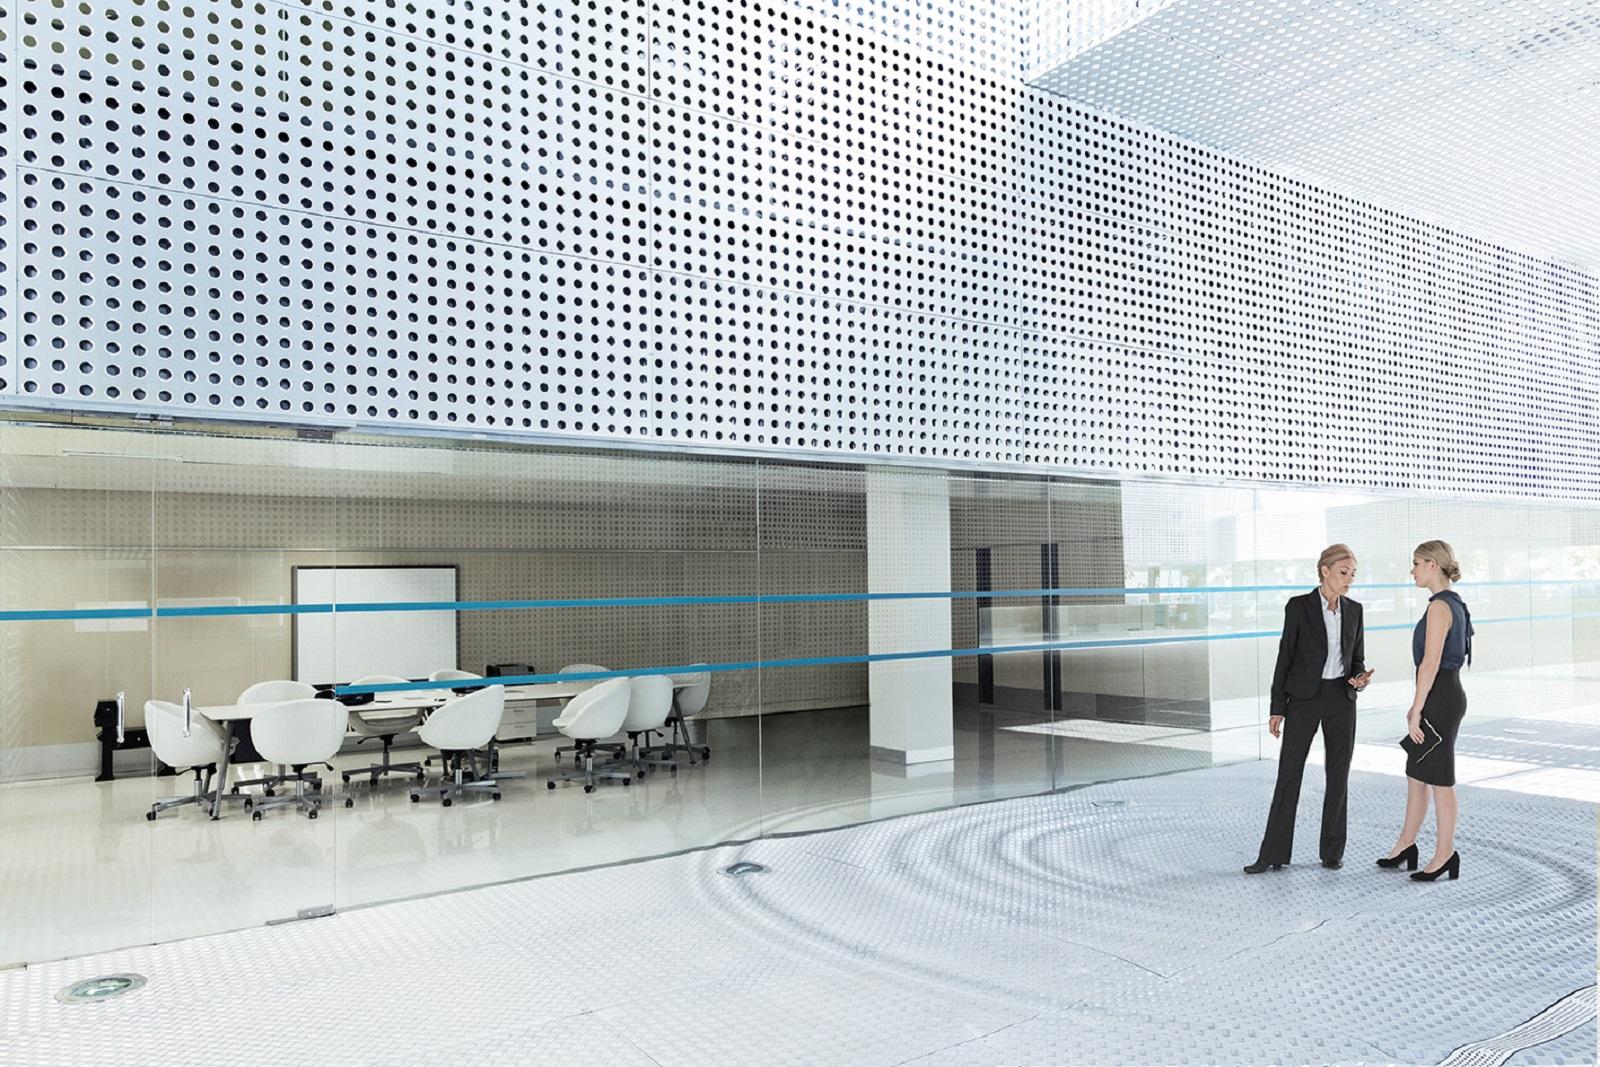 Pic: Australian Institute of Management